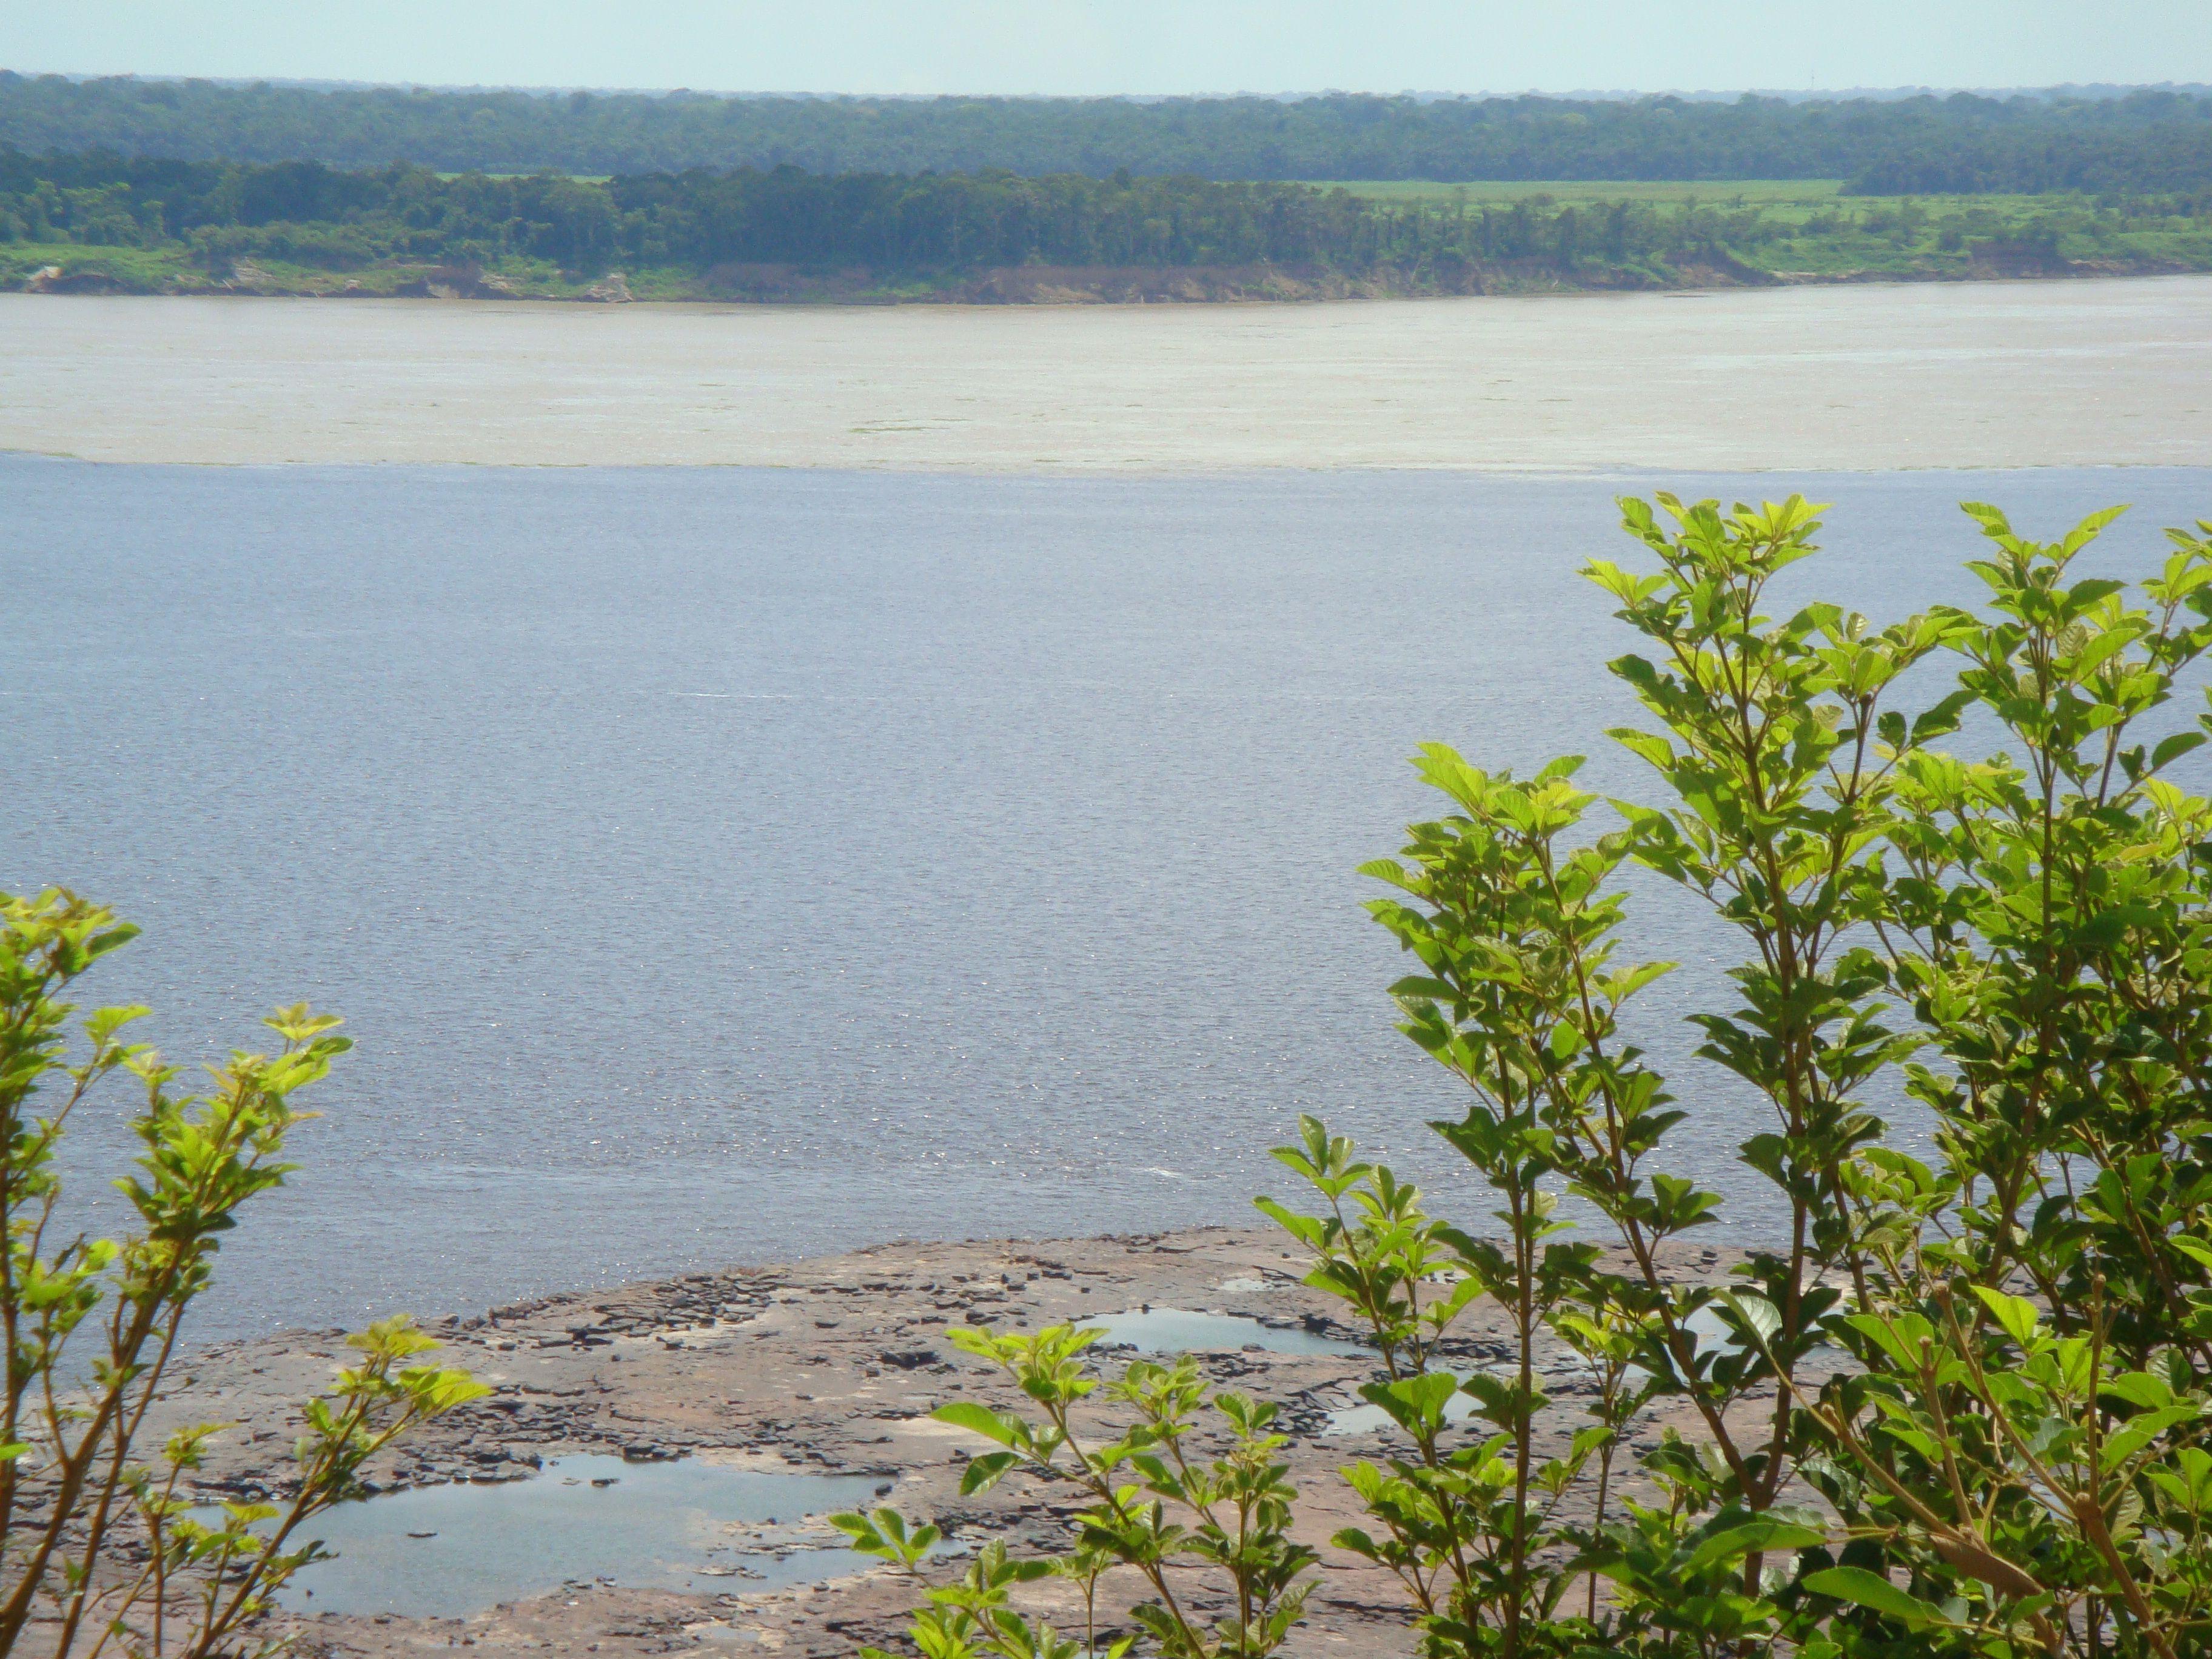 Encontro das águas Rio Negro e Rio Solimões- Manaus- Brasil